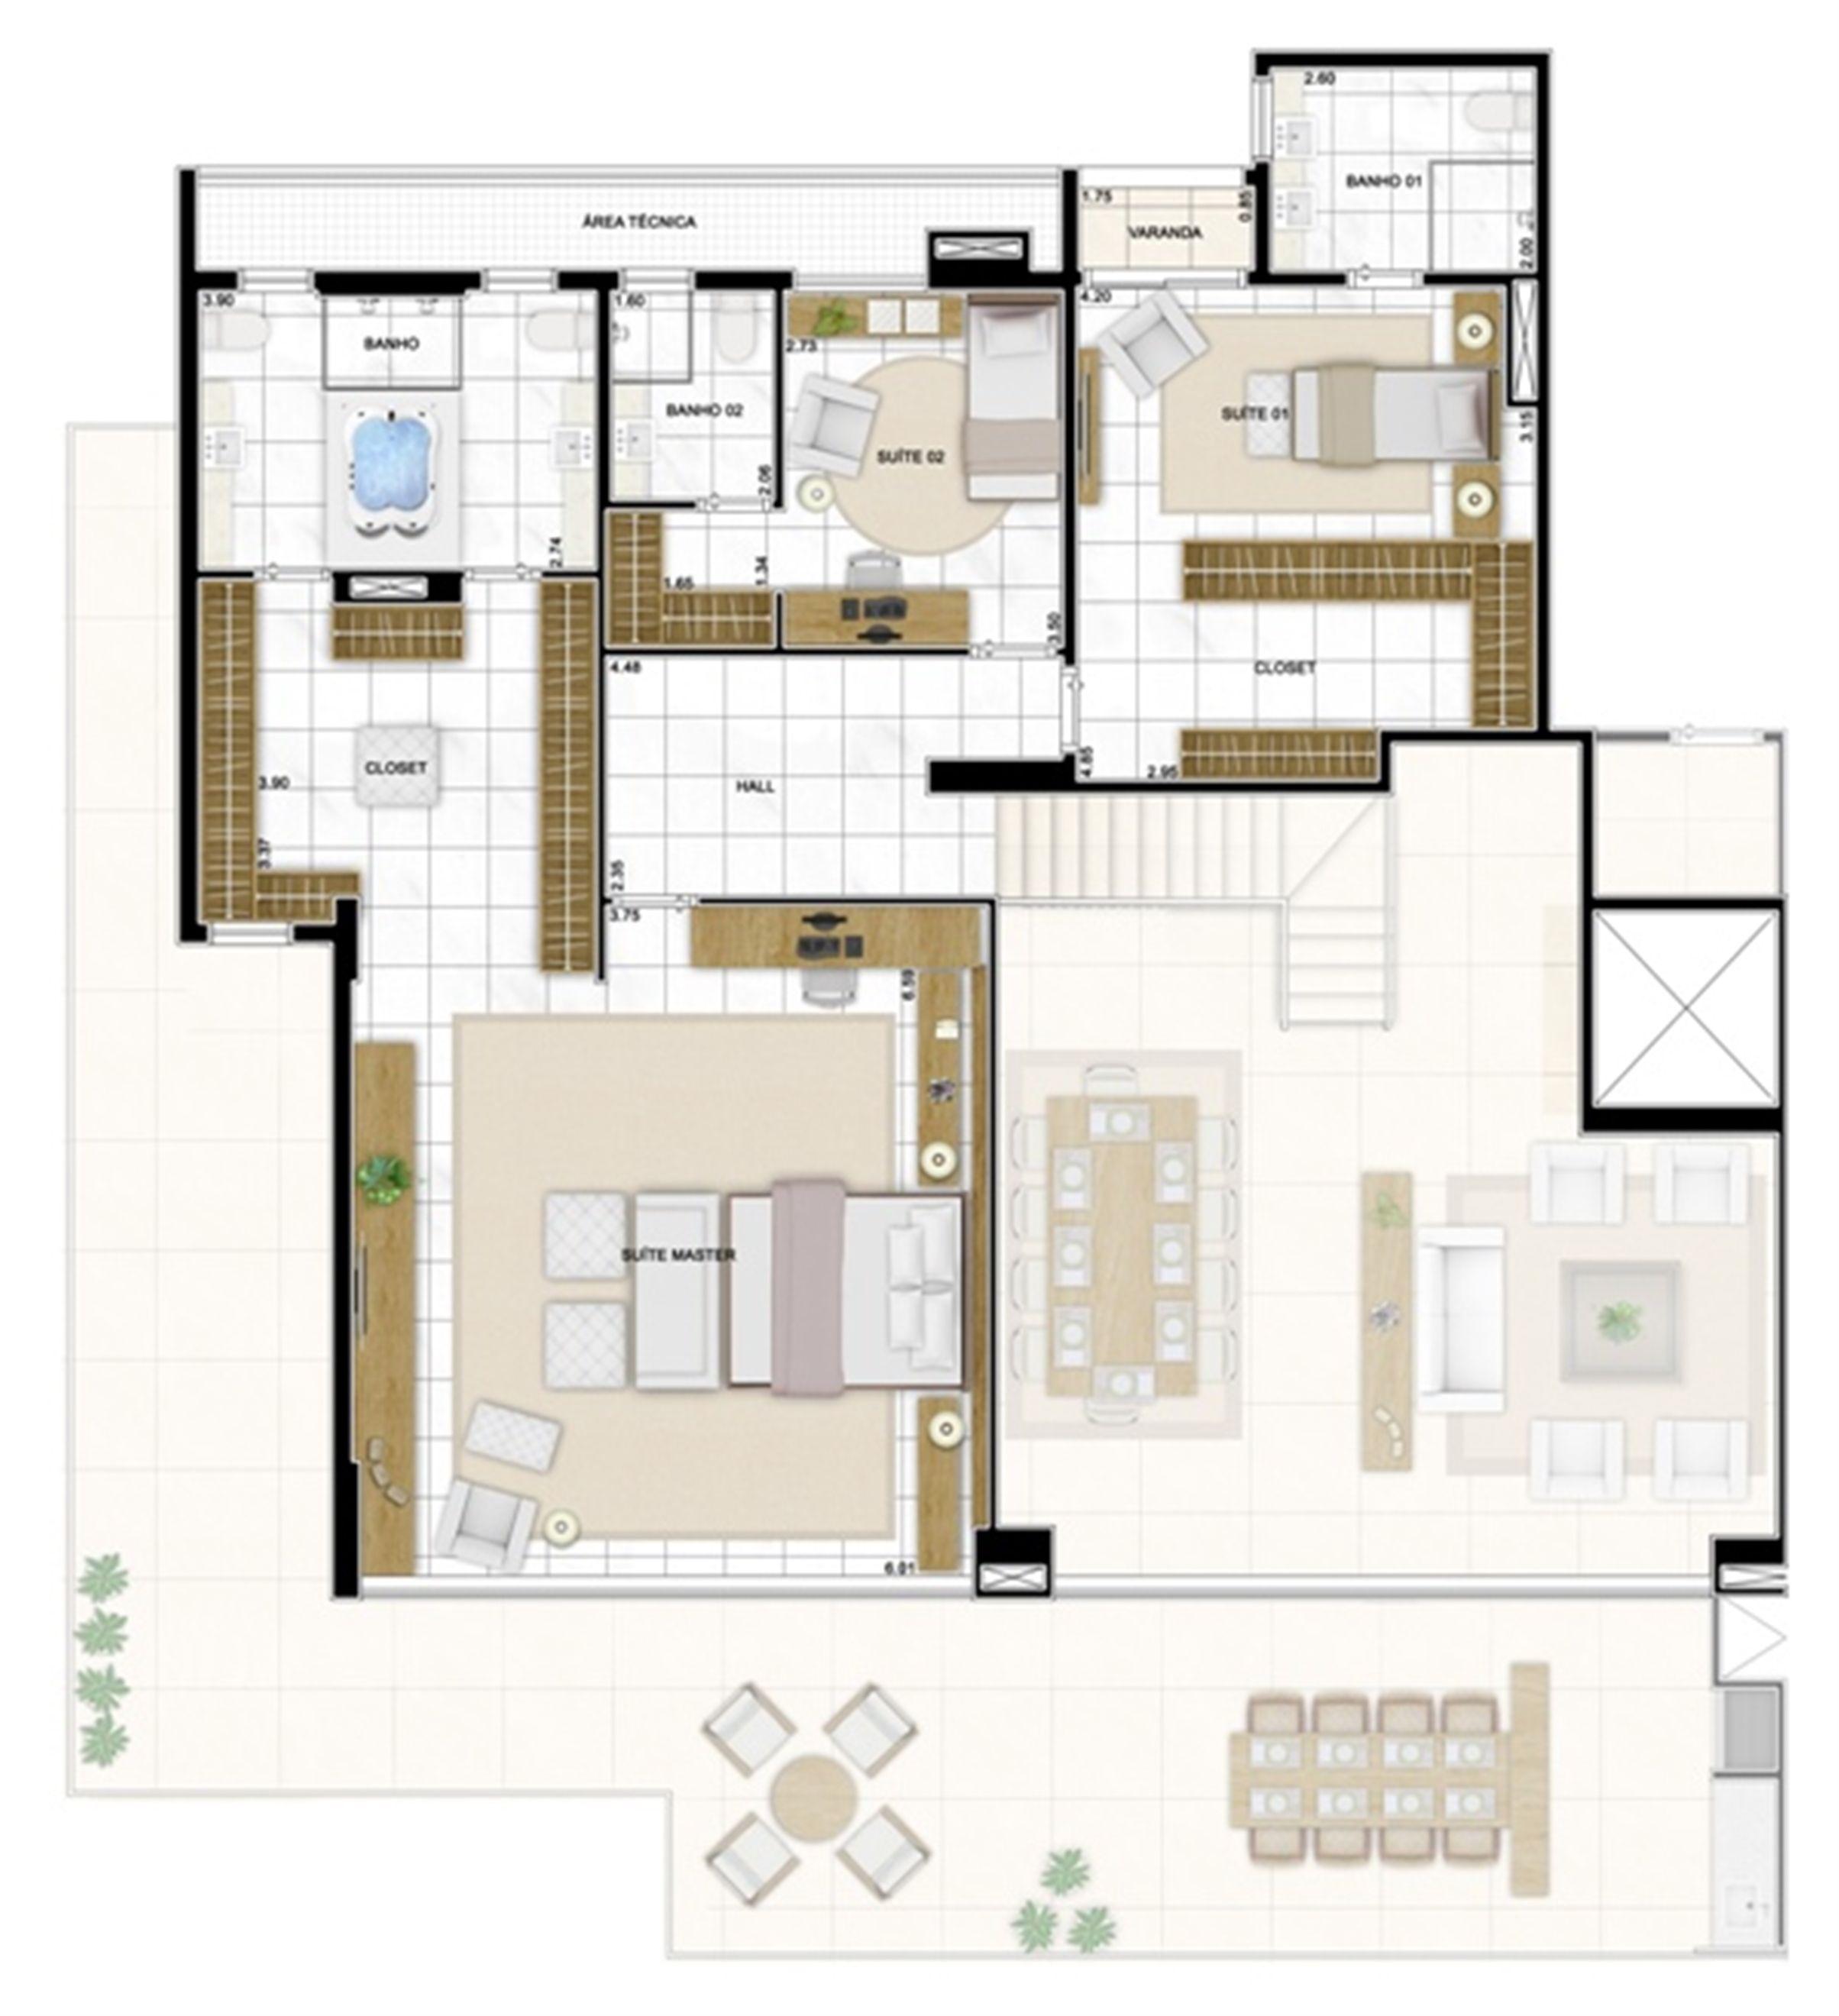 Planta Duplex Superior 406m² | Infinity Areia Preta – Apartamento na  Areia Preta - Natal - Rio Grande do Norte